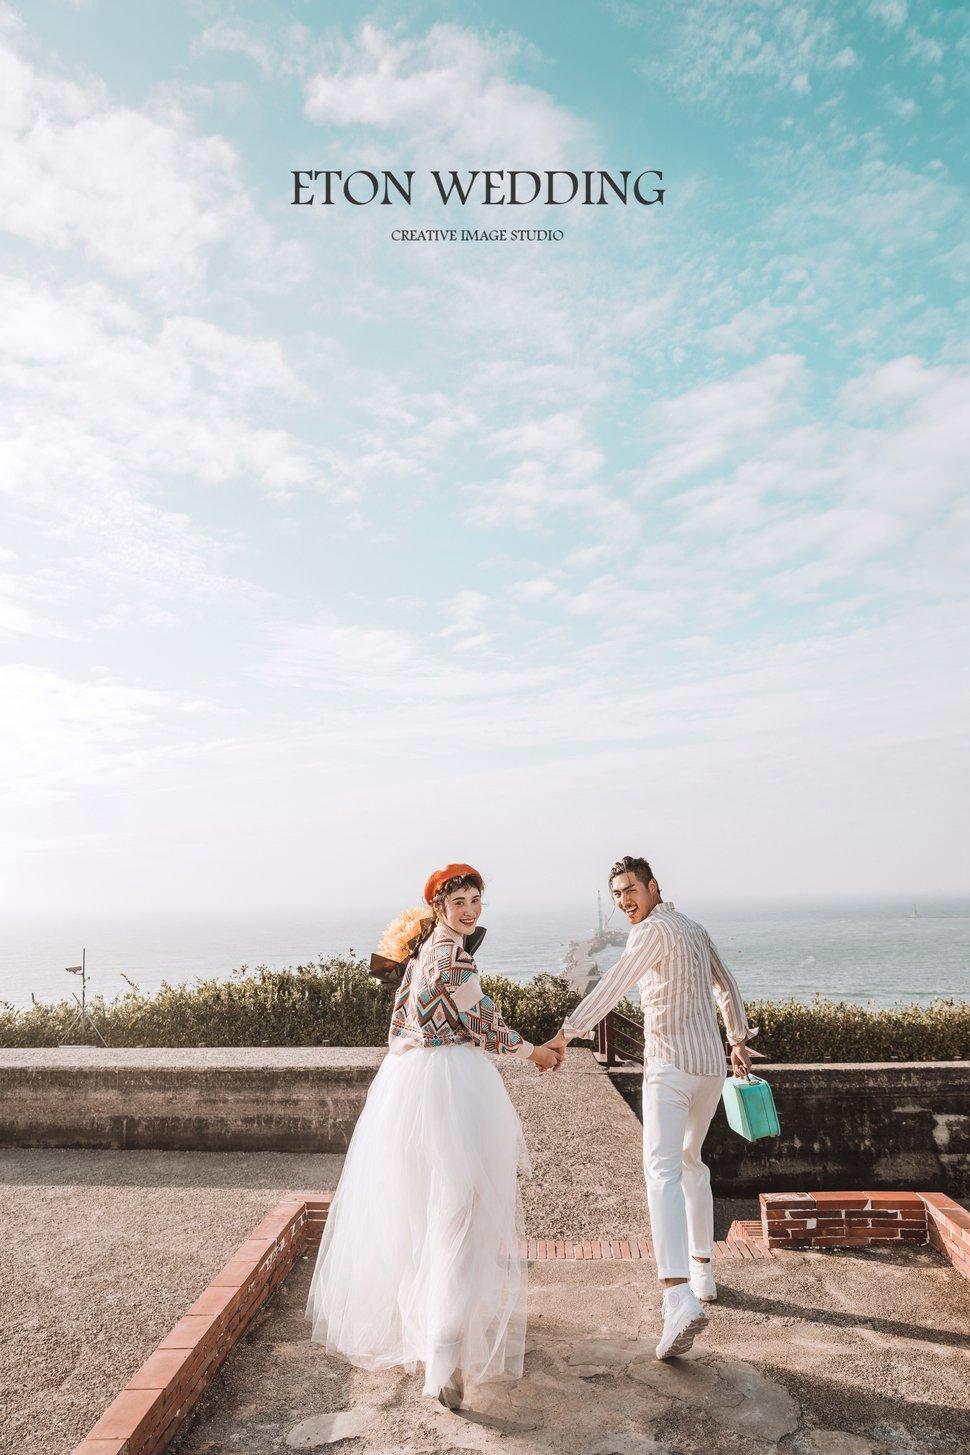 高雄拍婚紗,伊頓自助婚紗 (18) - 伊頓自助婚紗攝影工作室(高雄創始店)《結婚吧》